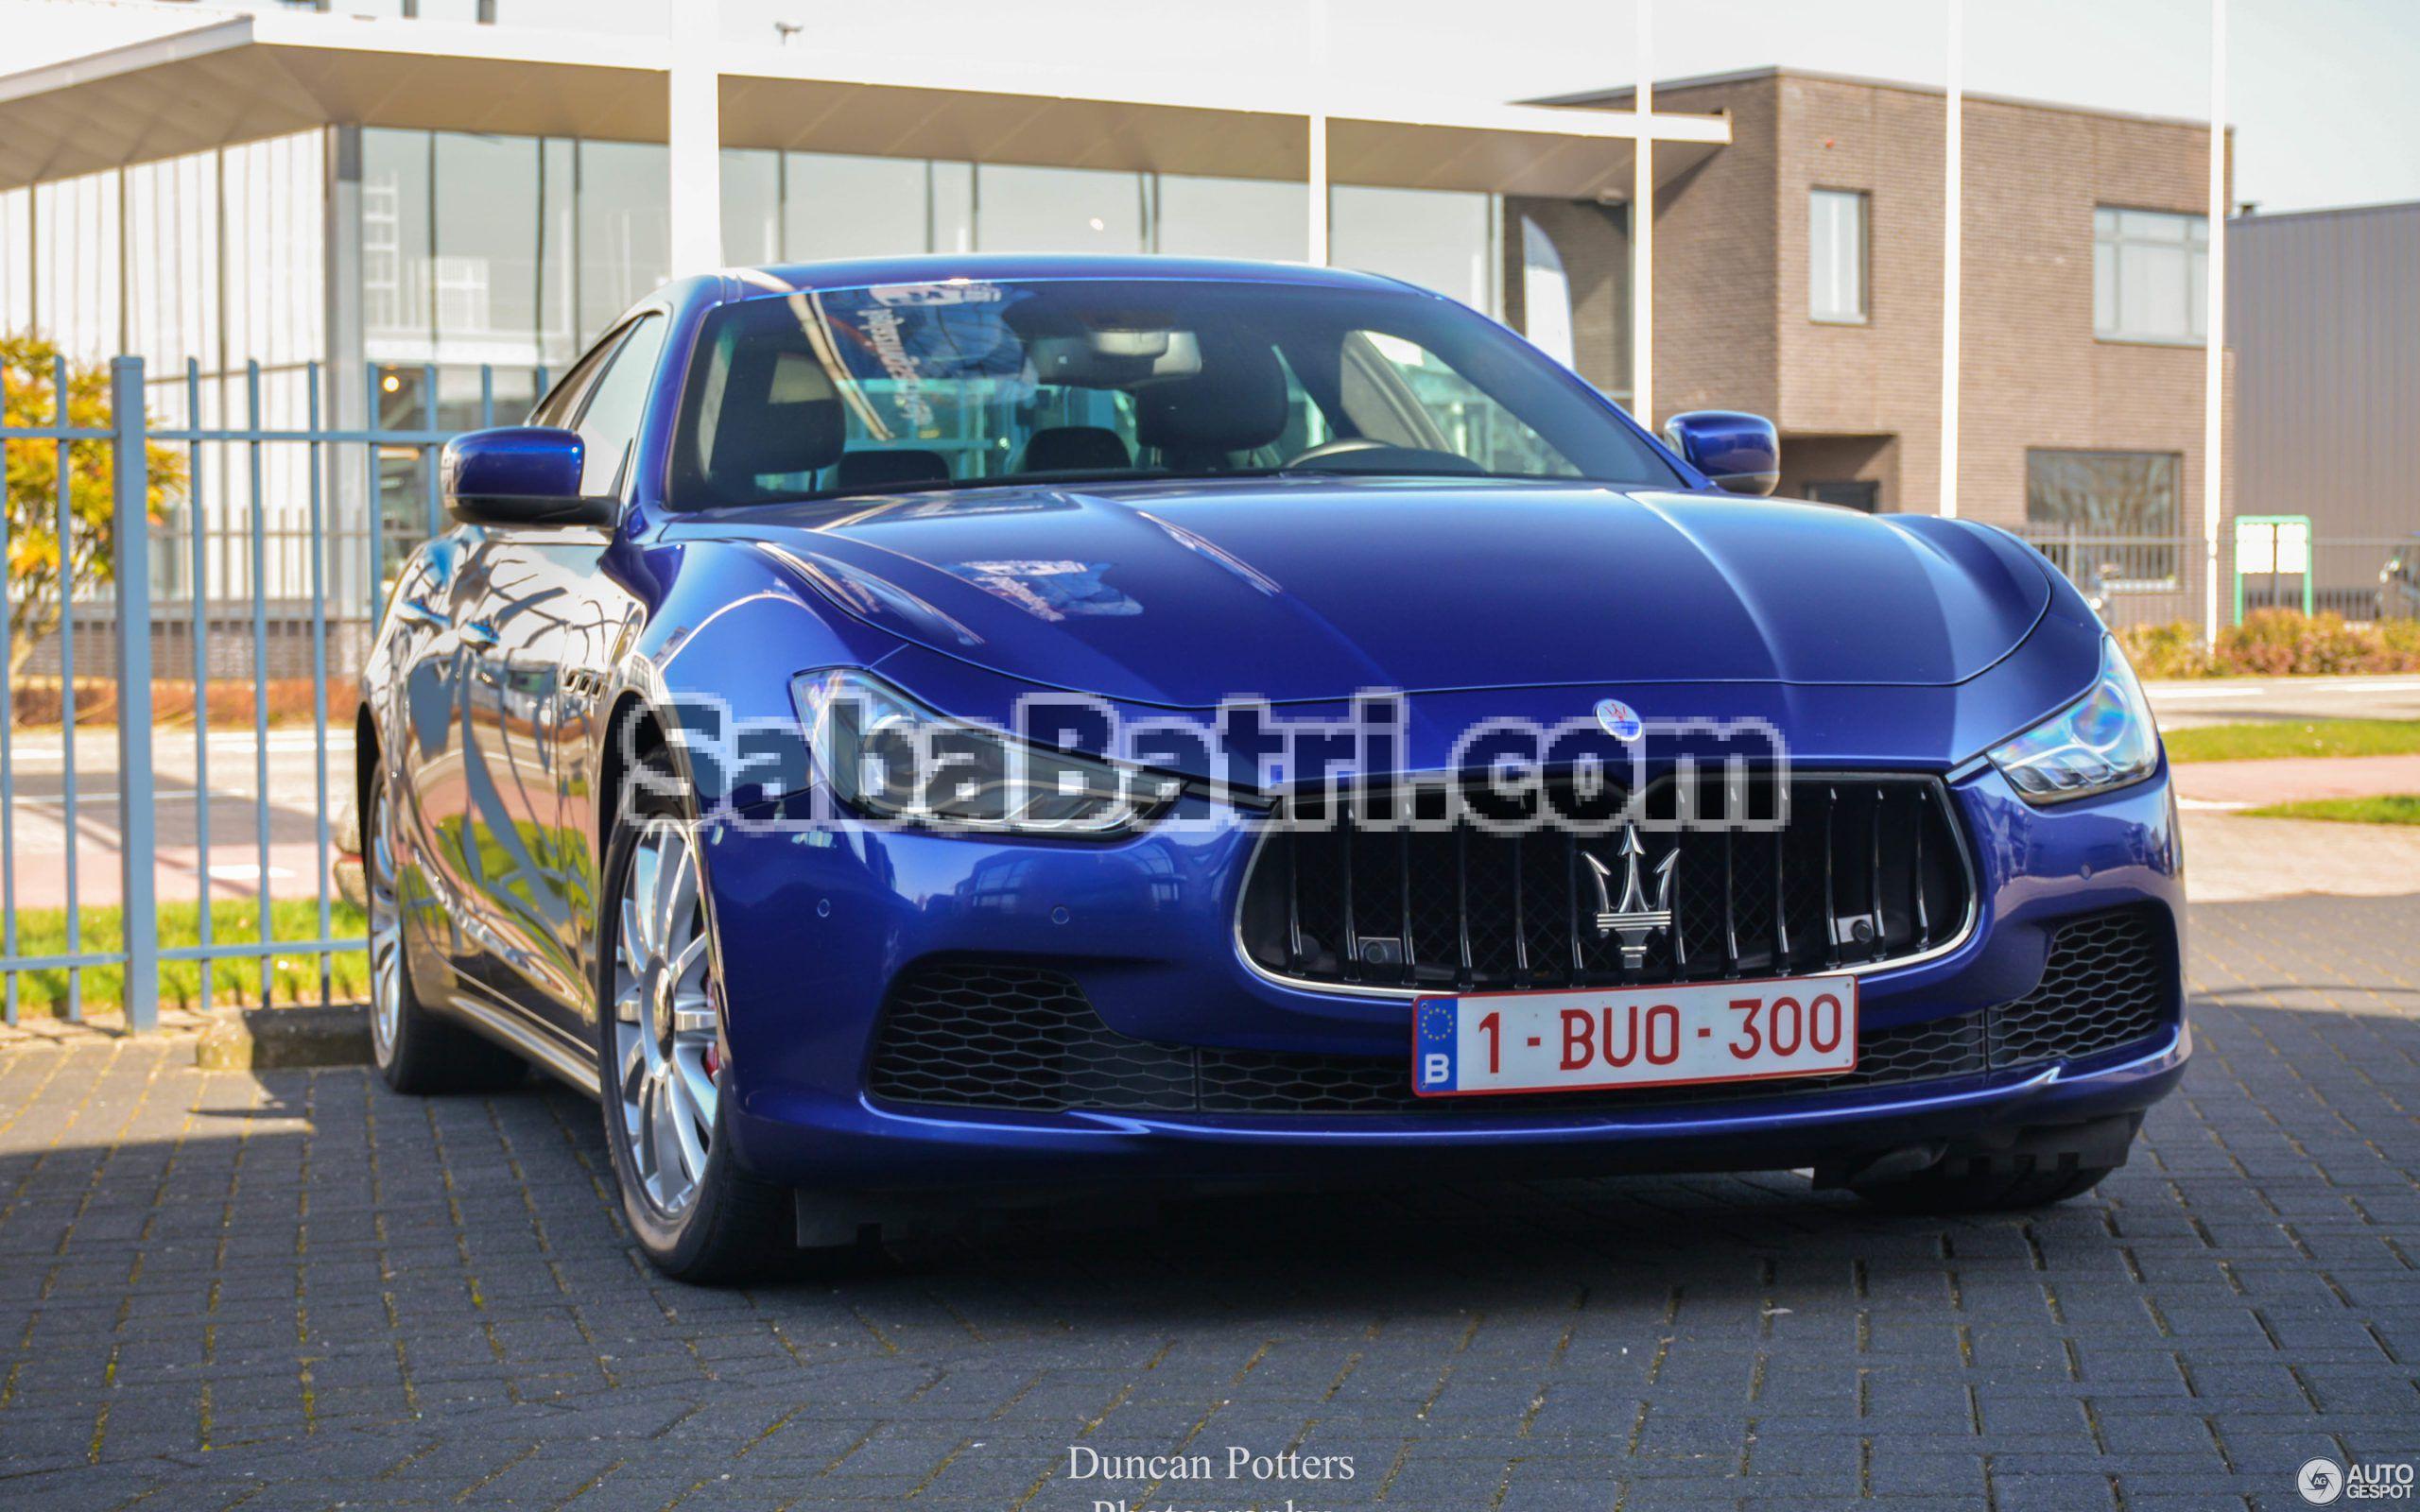 Maserati Ghibli 2 scaled باتری مازراتی گیبلی